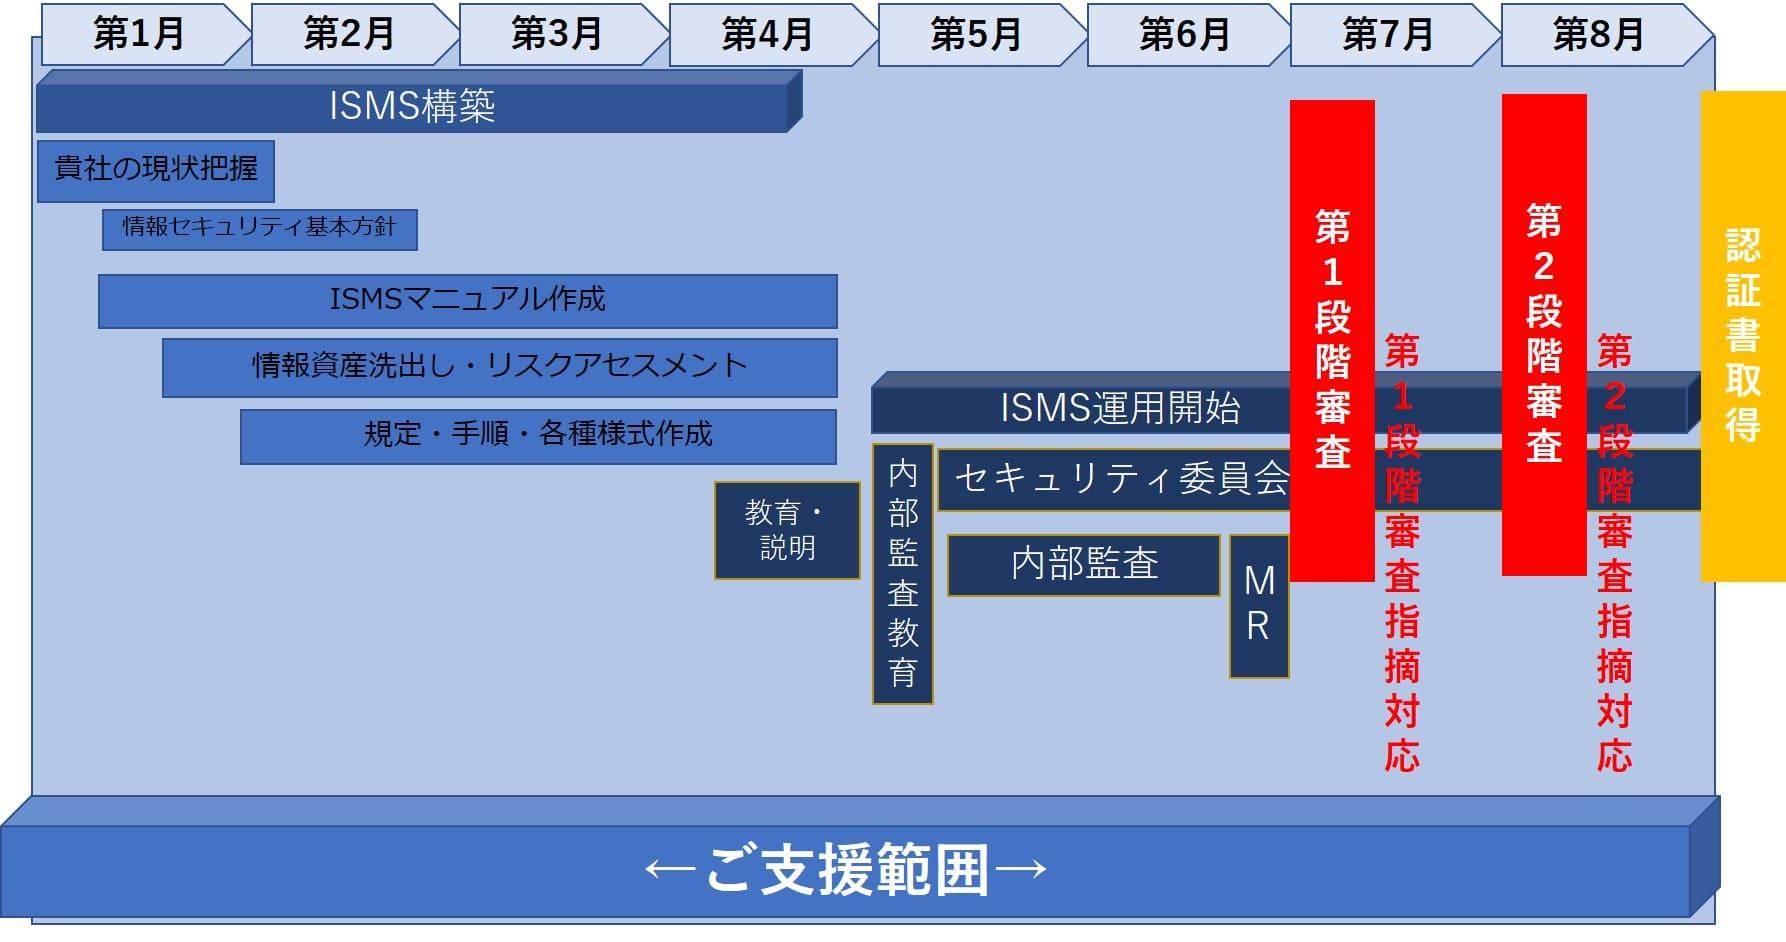 ISO27001(ISMS)認証取得支援スケジュール